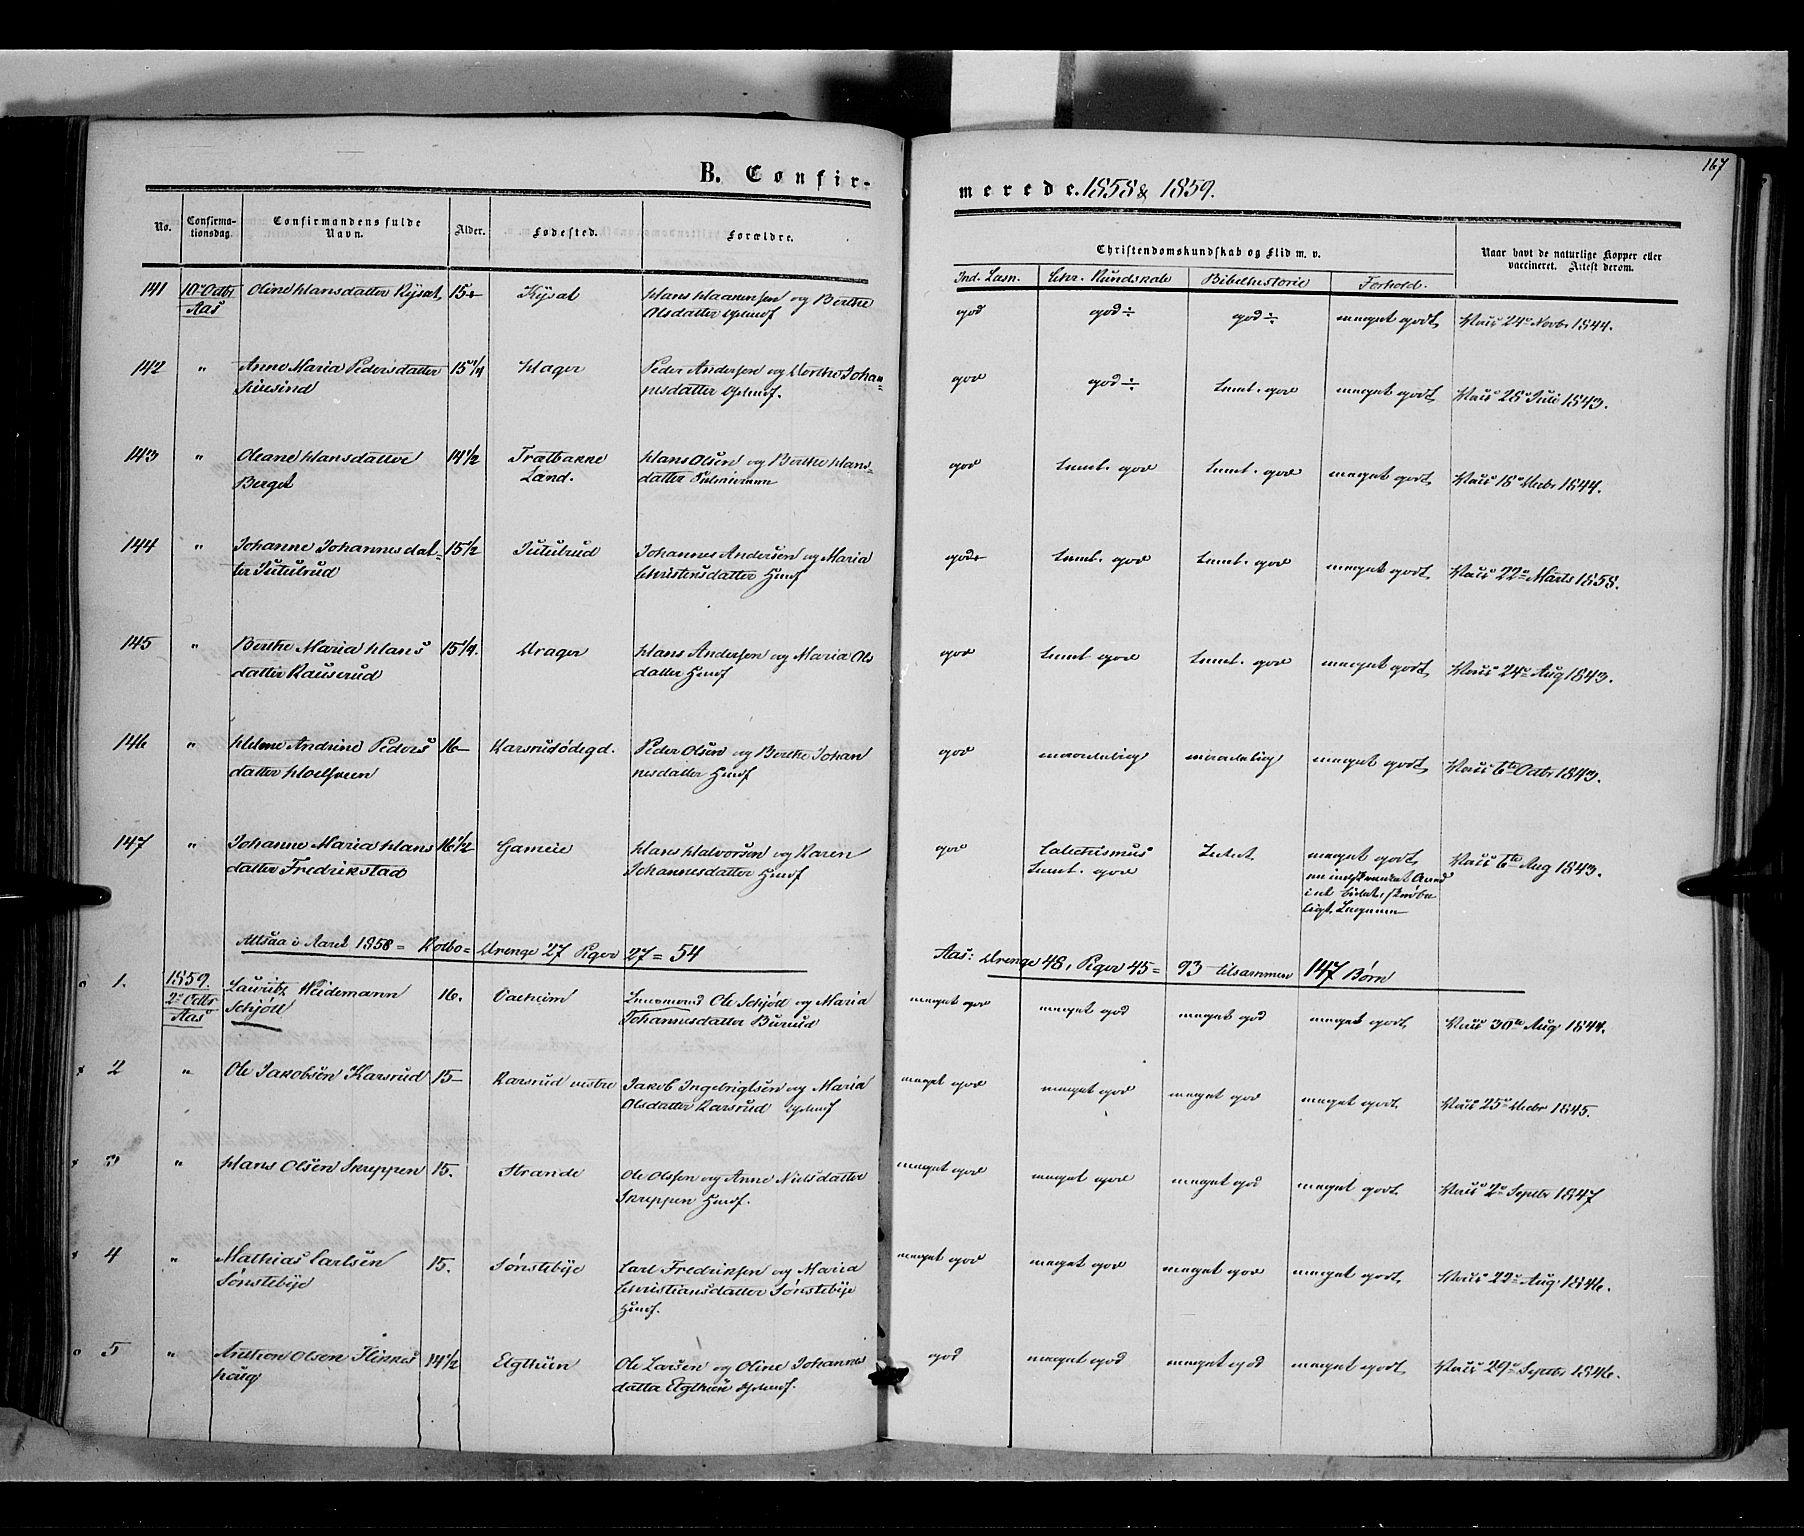 SAH, Vestre Toten prestekontor, Ministerialbok nr. 6, 1856-1861, s. 167